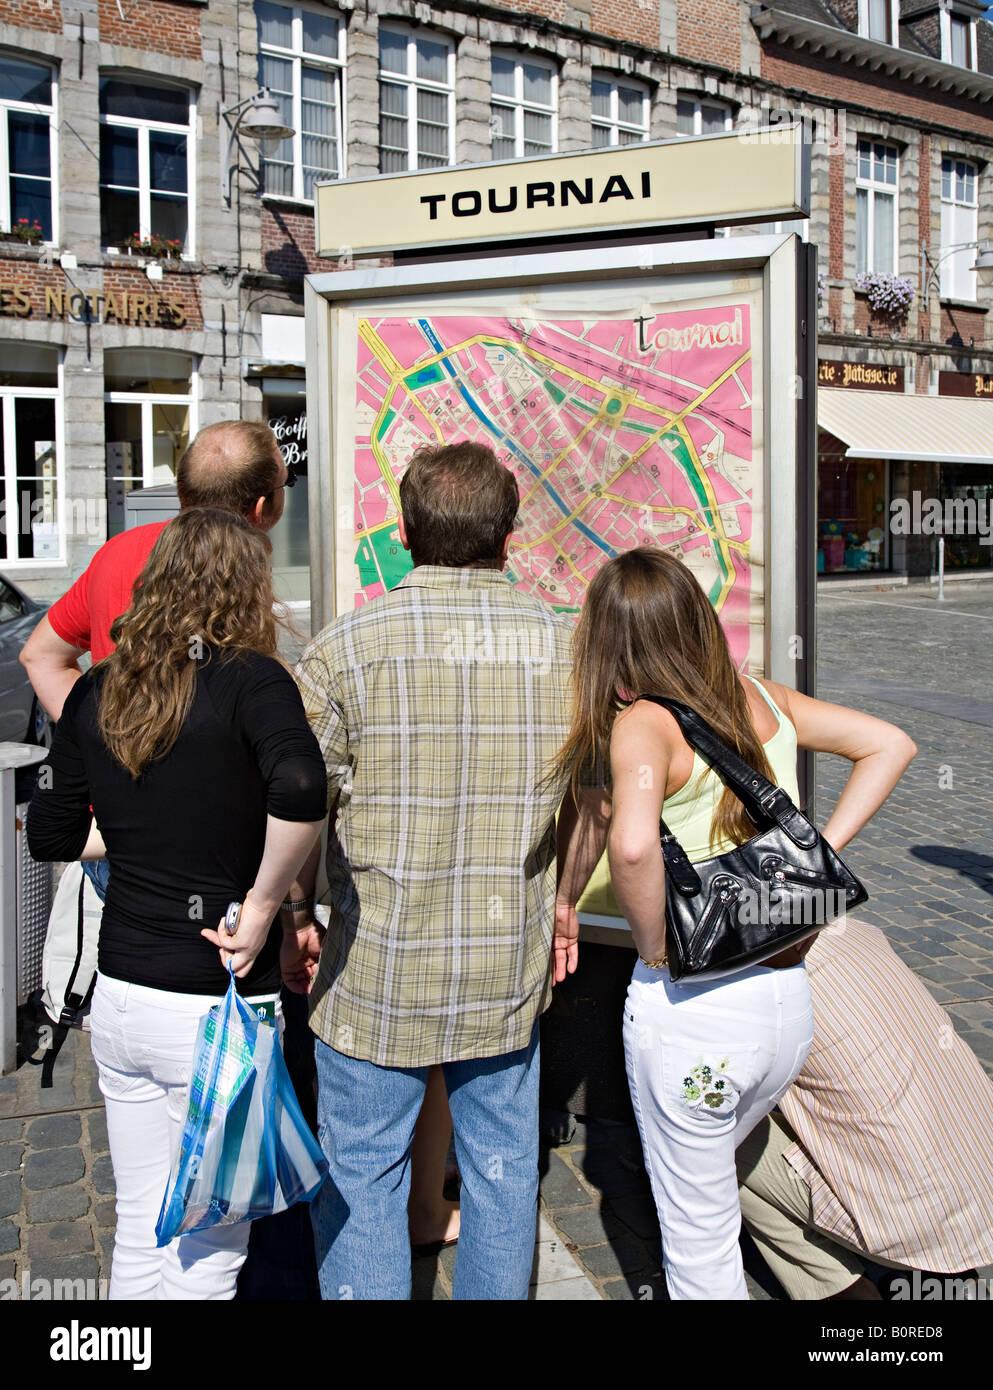 Les gens se rassemblaient autour de plan de la ville Tournai Belgique Photo Stock